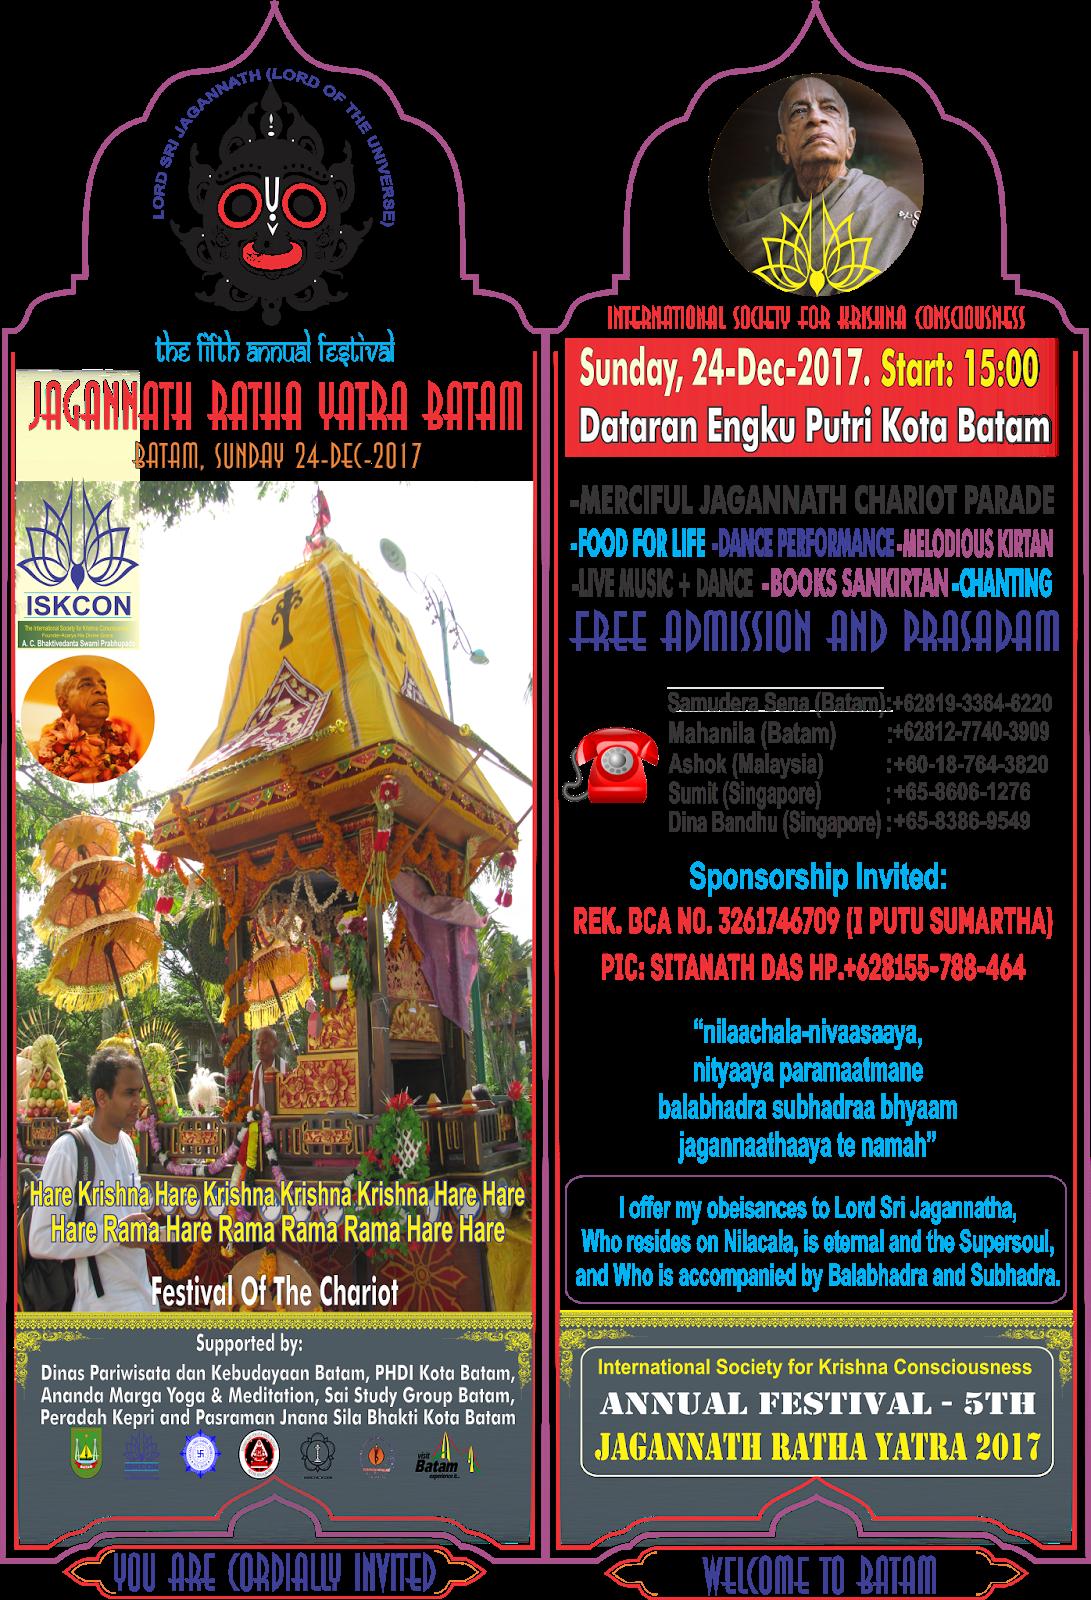 Jagannath Ratha Yatra Batam Ke 5 - Minggu 24 Dec 2017 ...